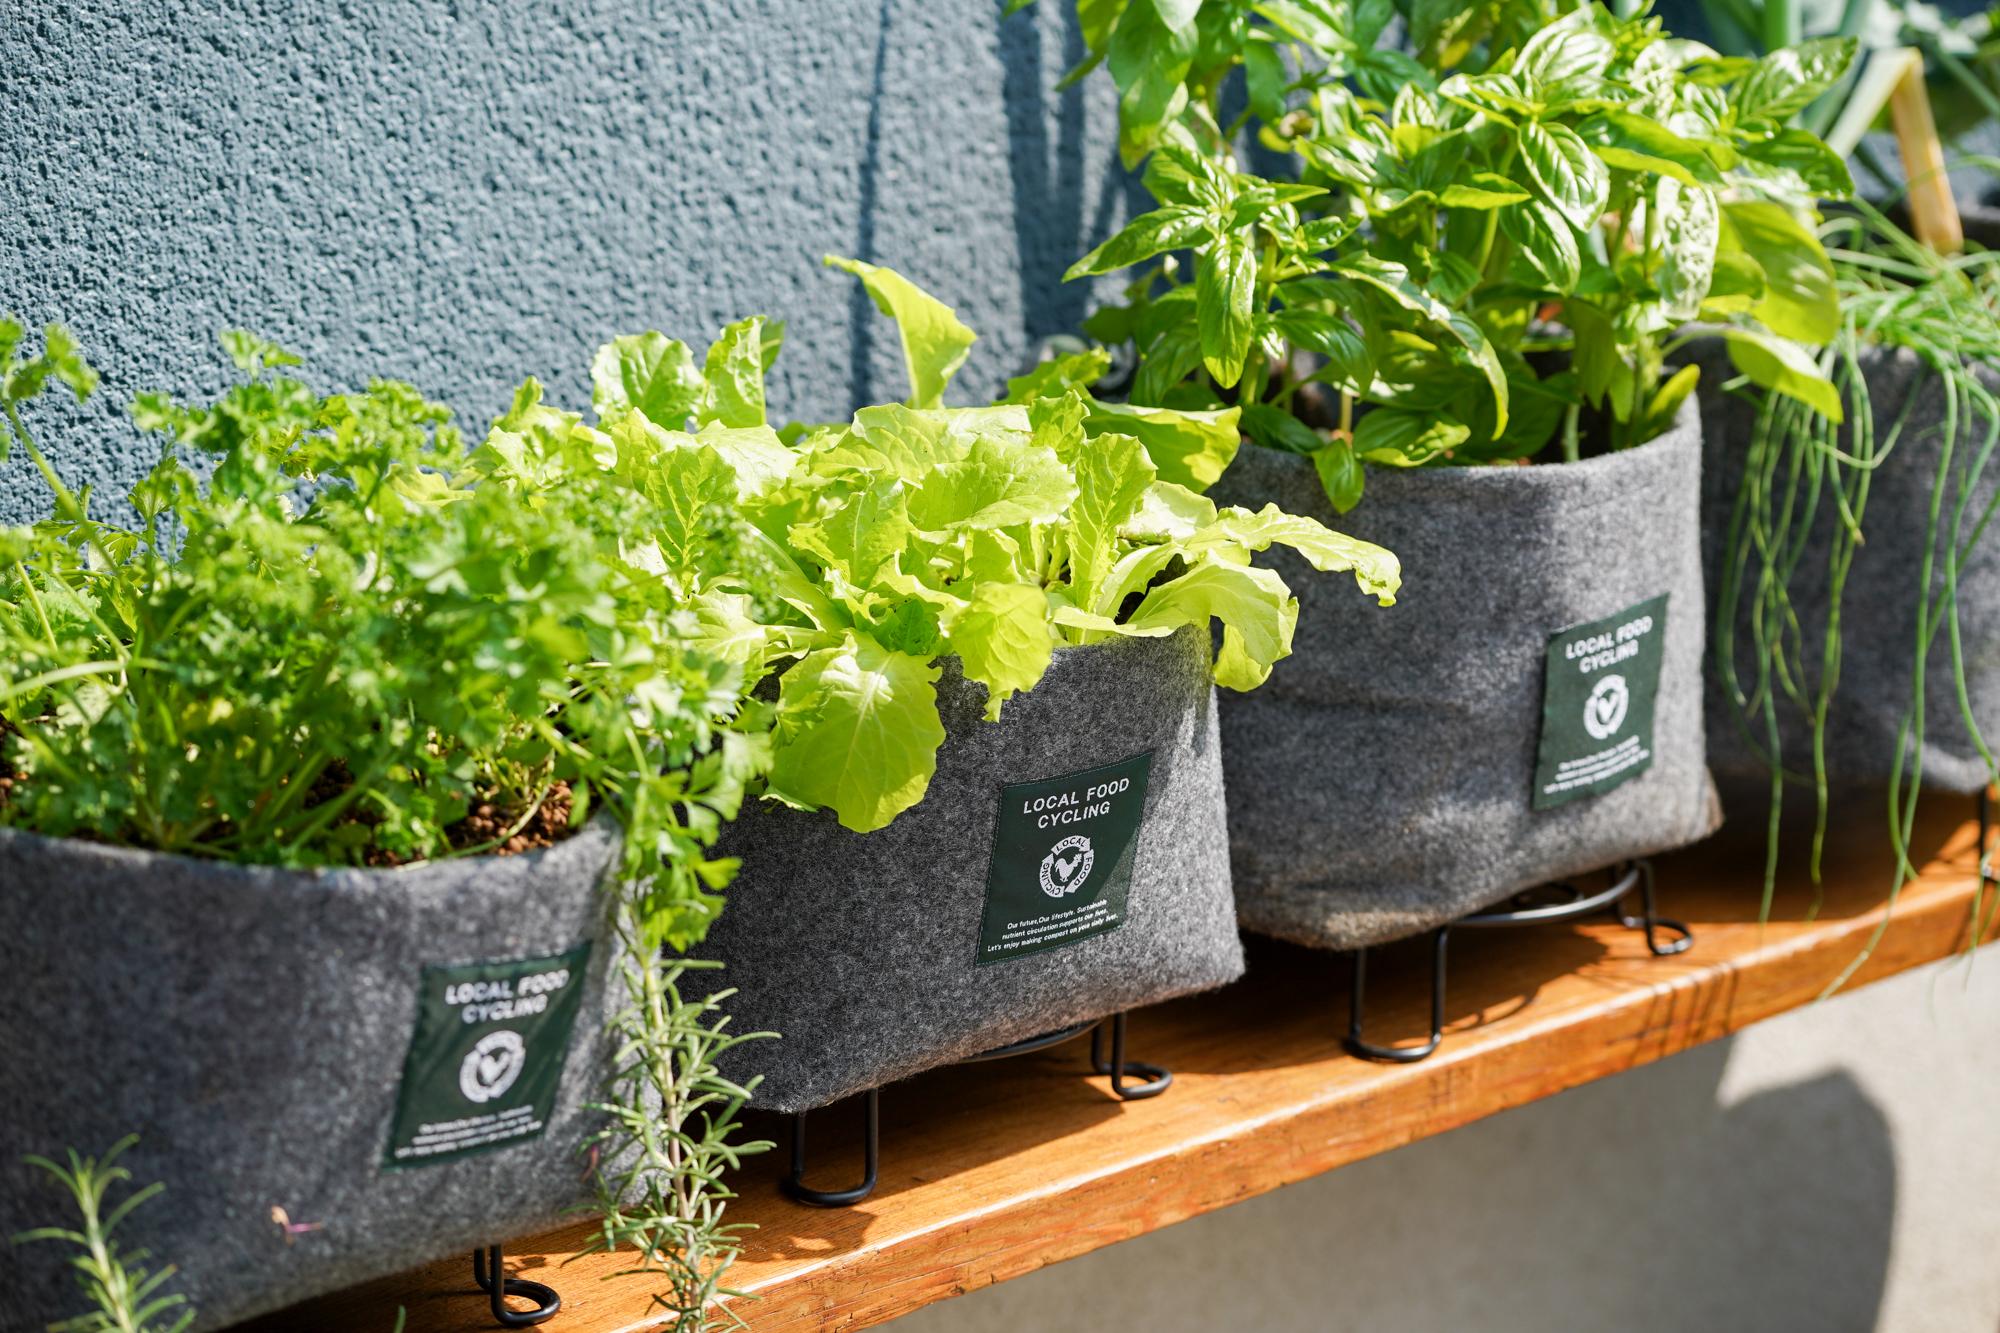 繰り返し使えるトートバッグにコンポスト(堆肥)を入れた都市型コンポスト